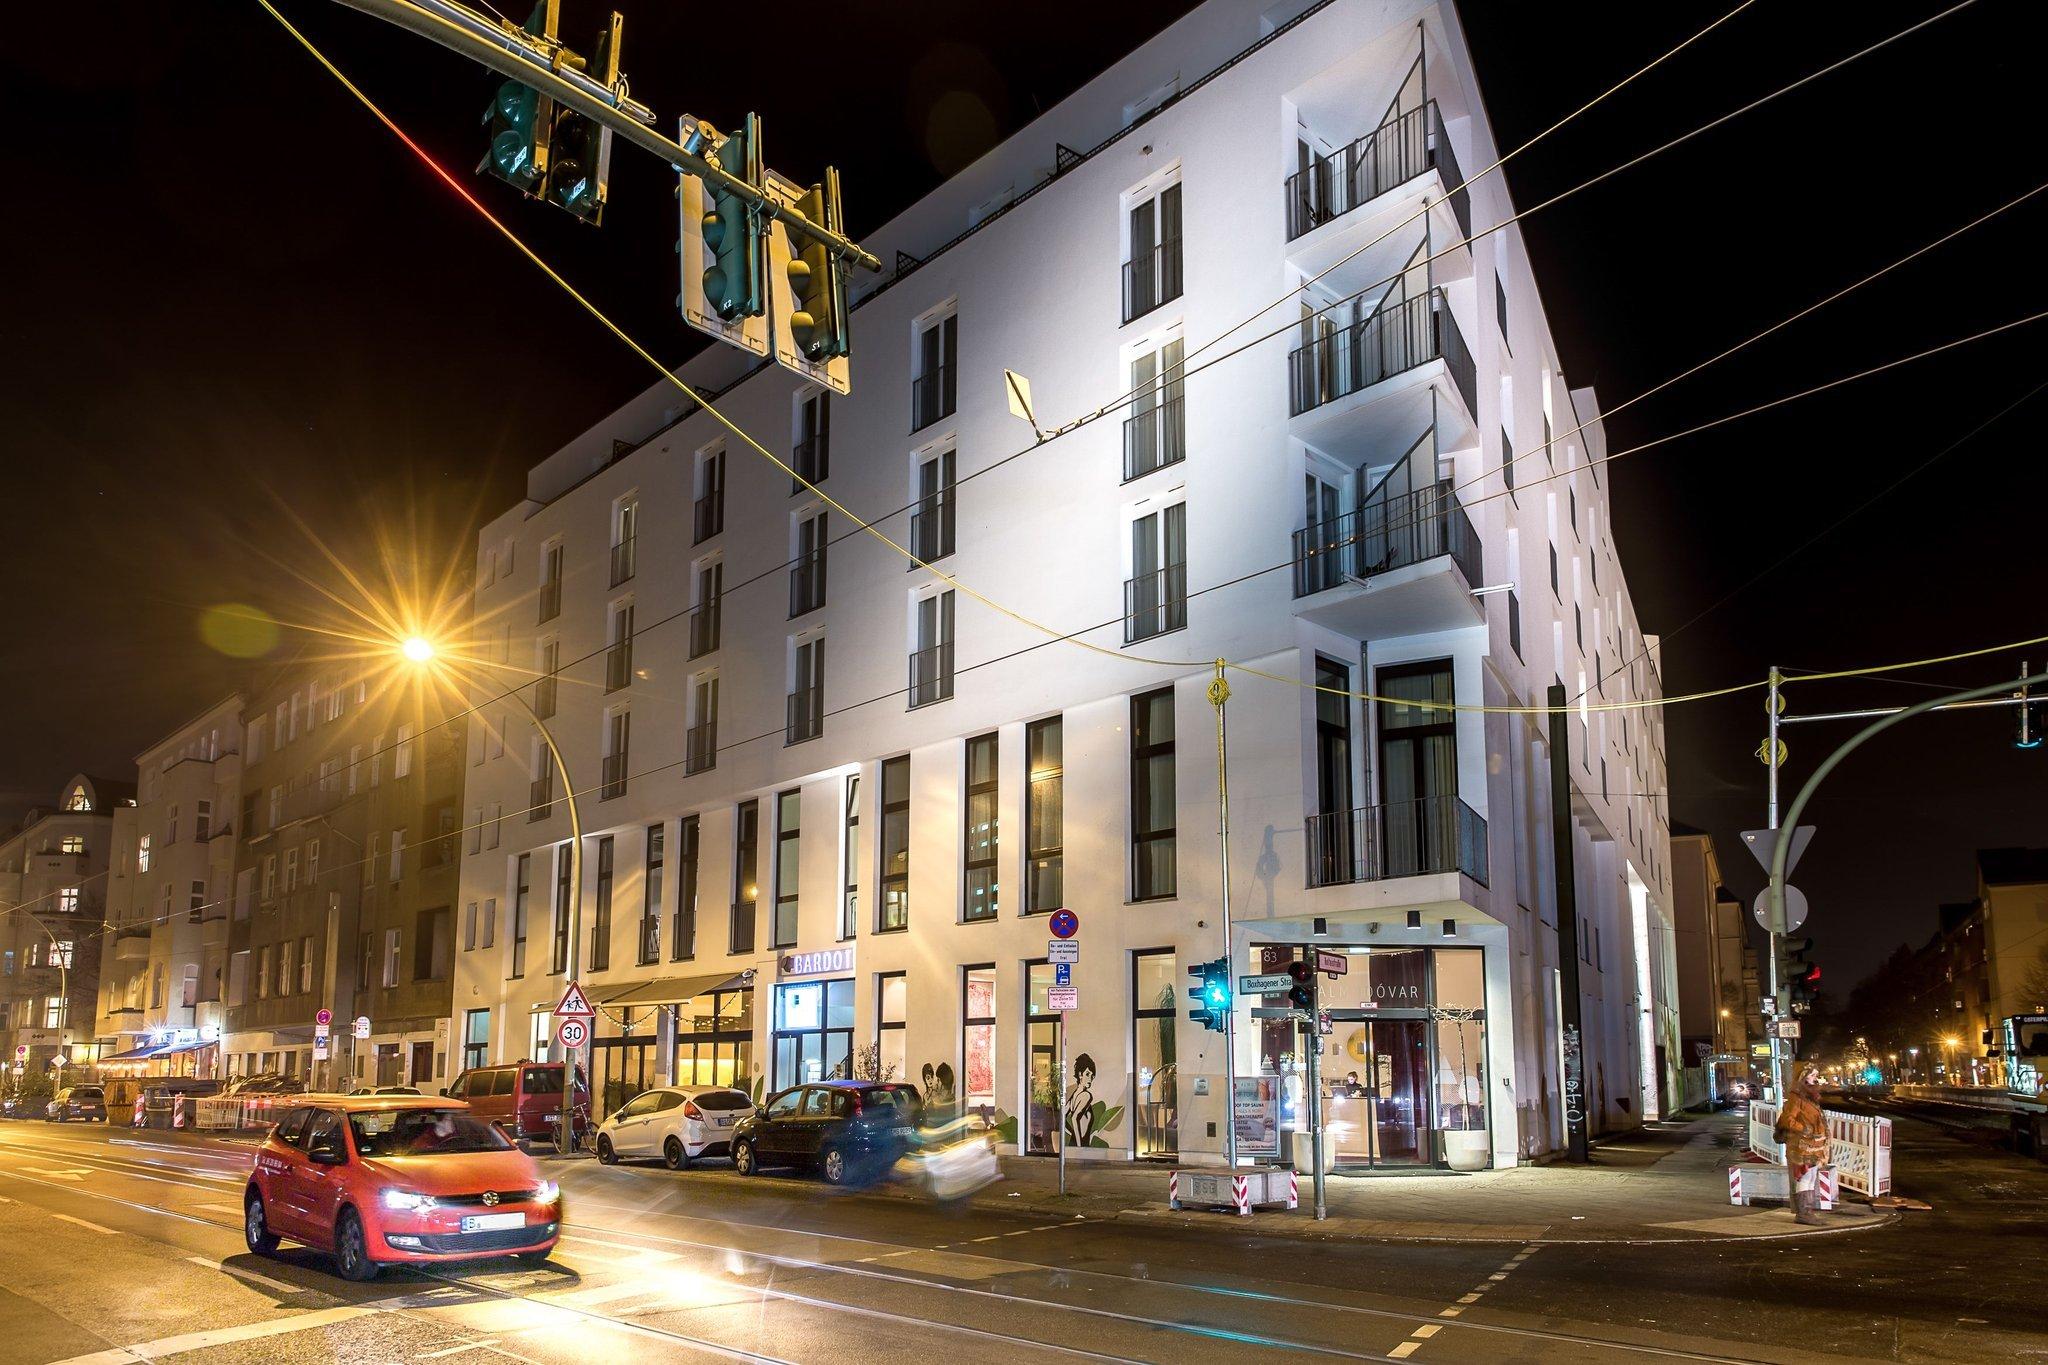 Almodovar Hotel